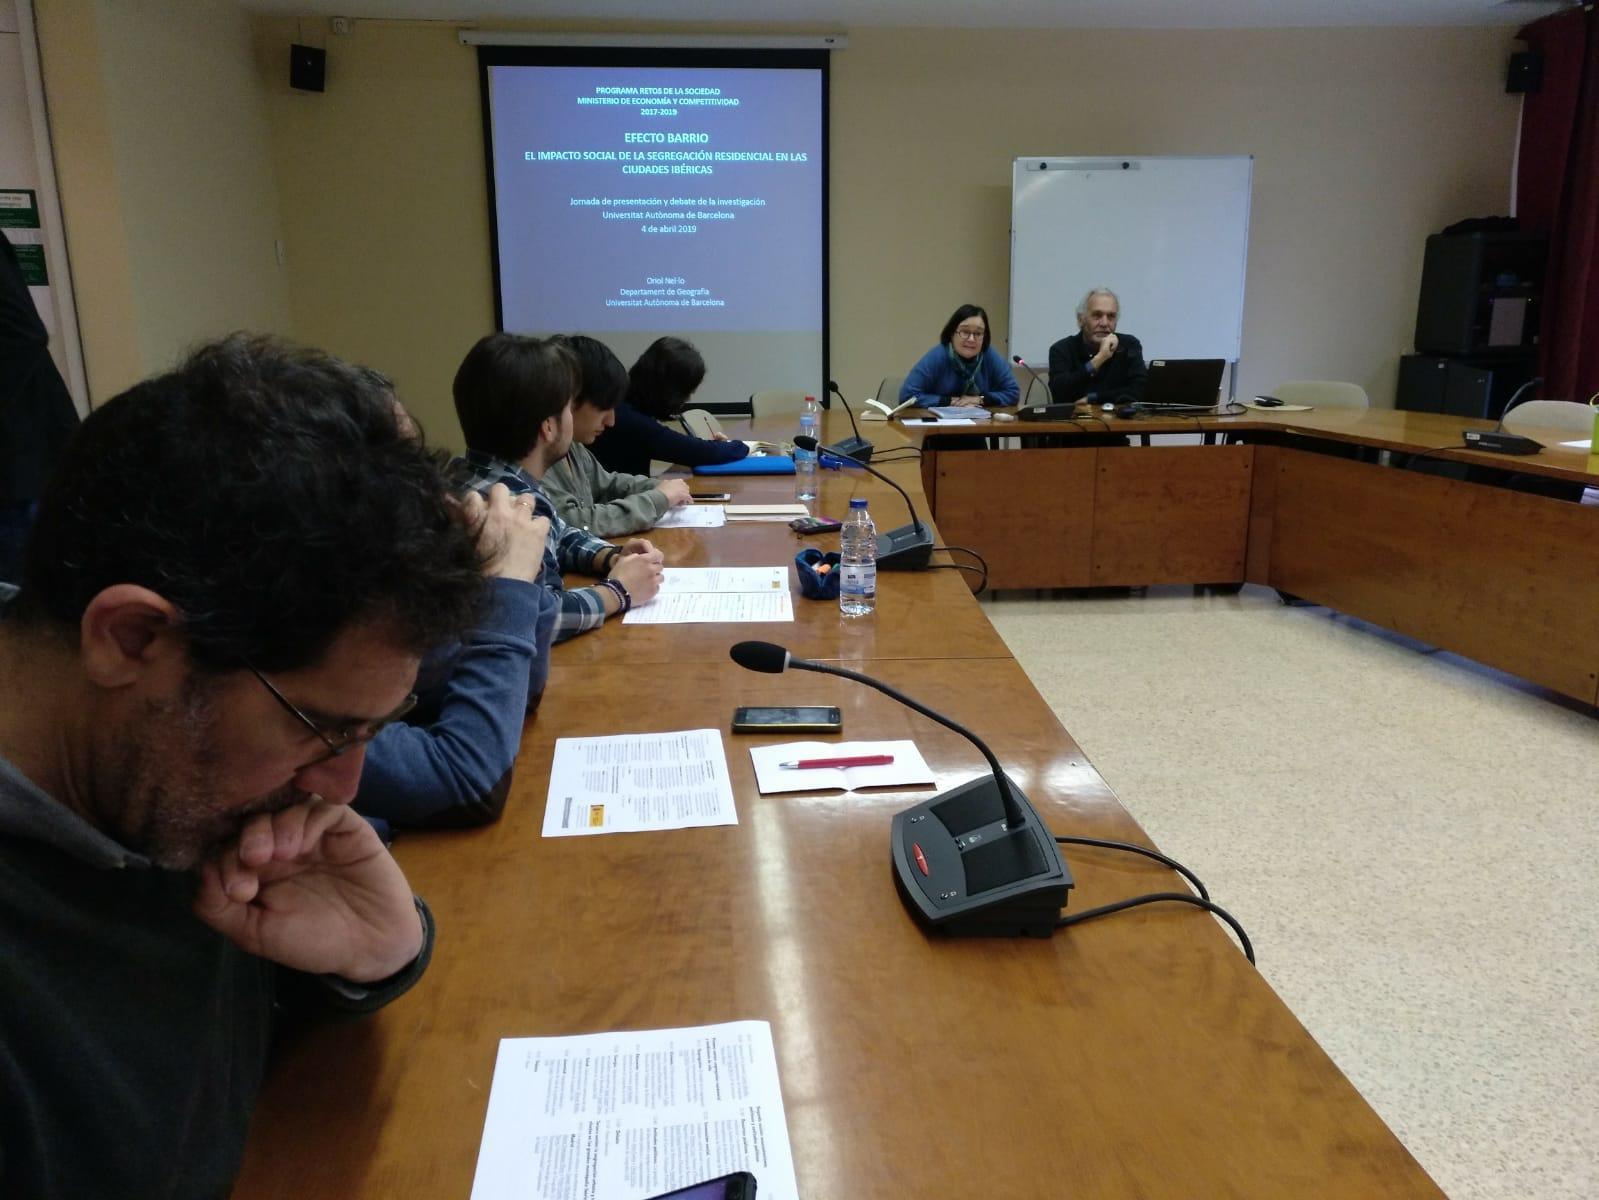 Oriol Nel·lo i Carme Miralles durant la presentació de la jornada de recerca 'Efecte barri'